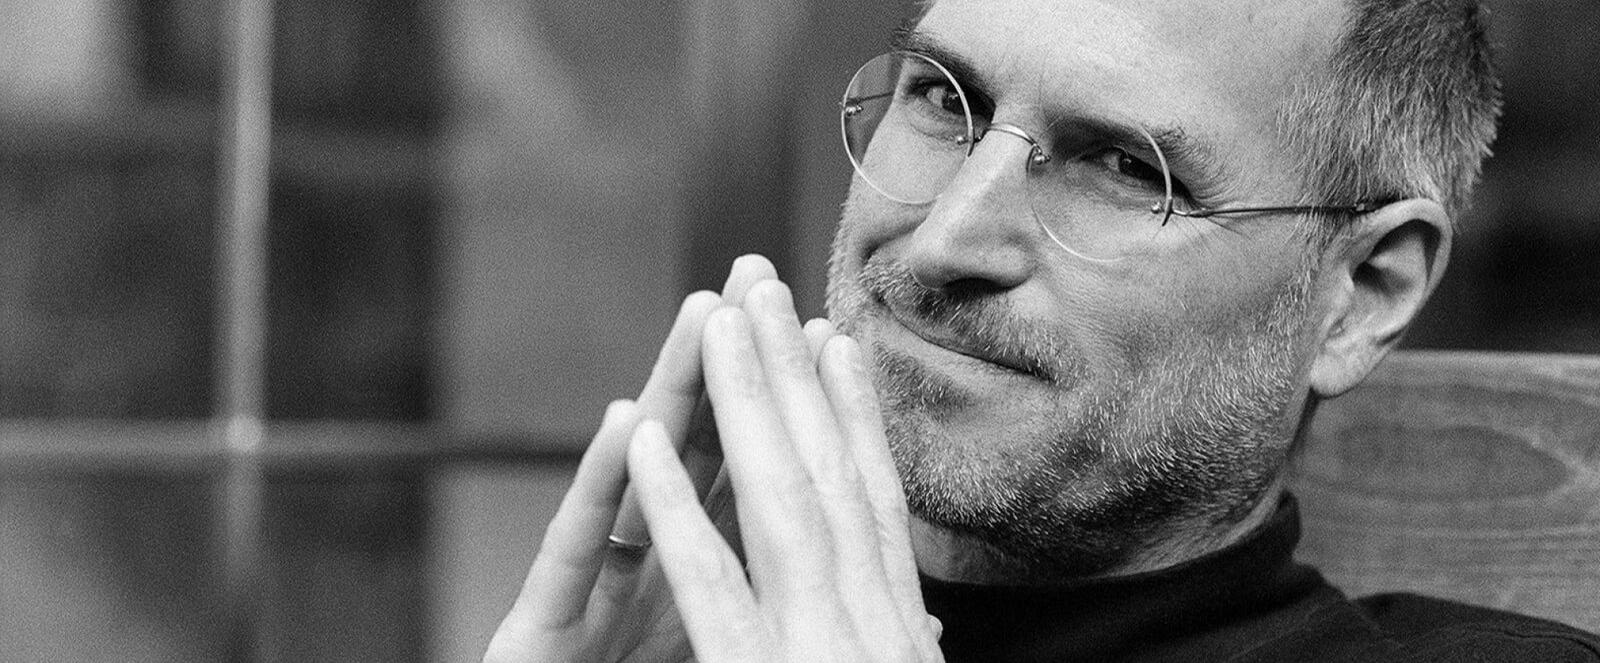 Легендарные речи великих людей, которые вдохновят и вас